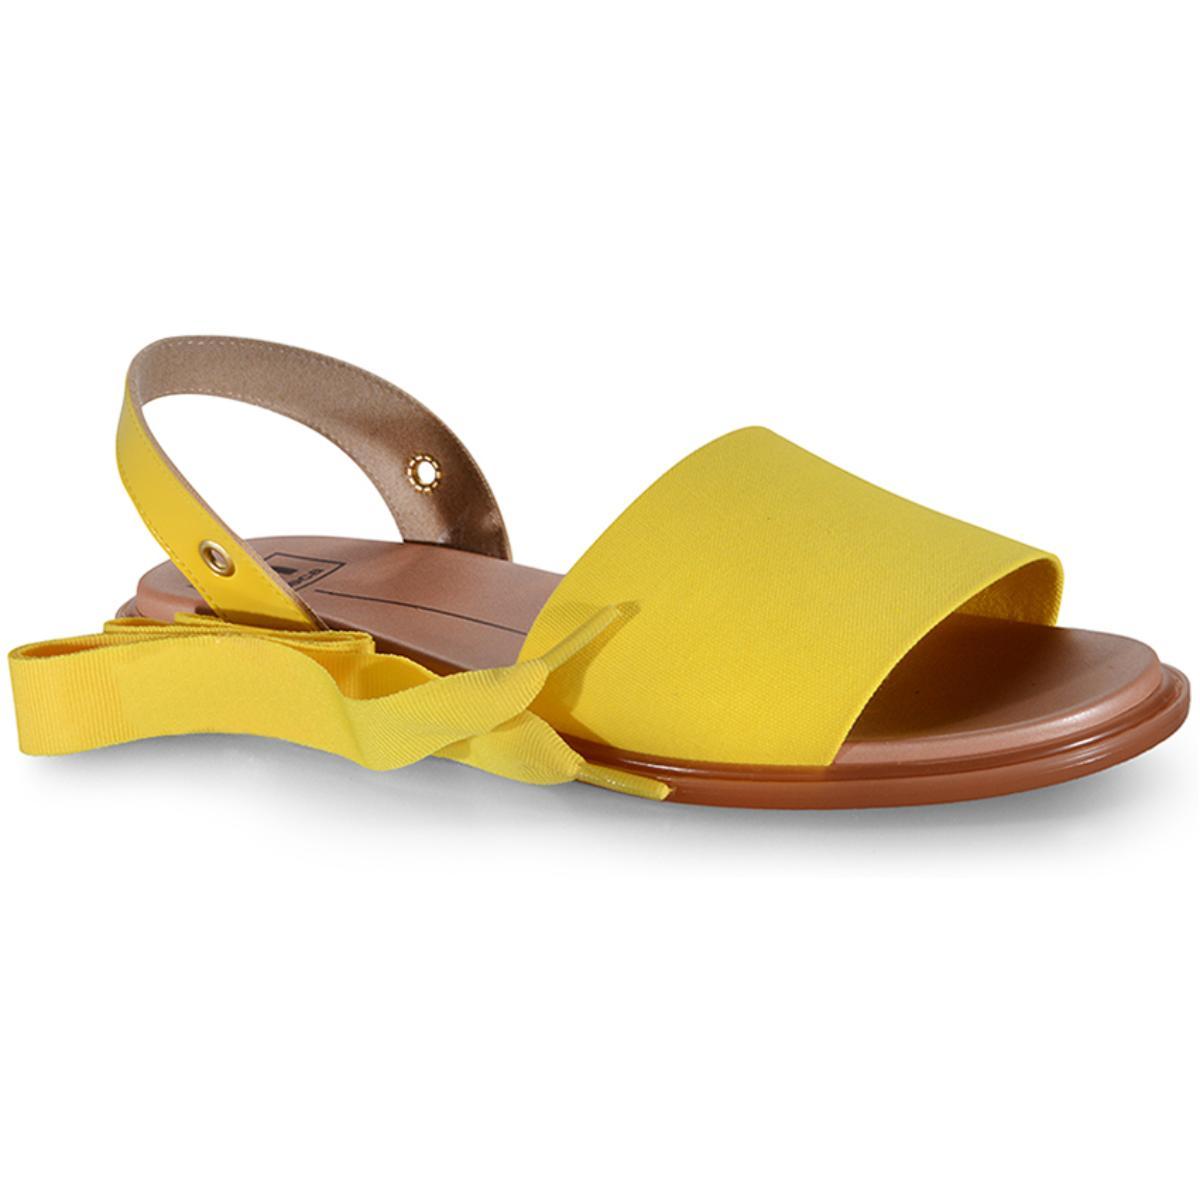 Sandália Feminina Moleca 5450101 Amarelo